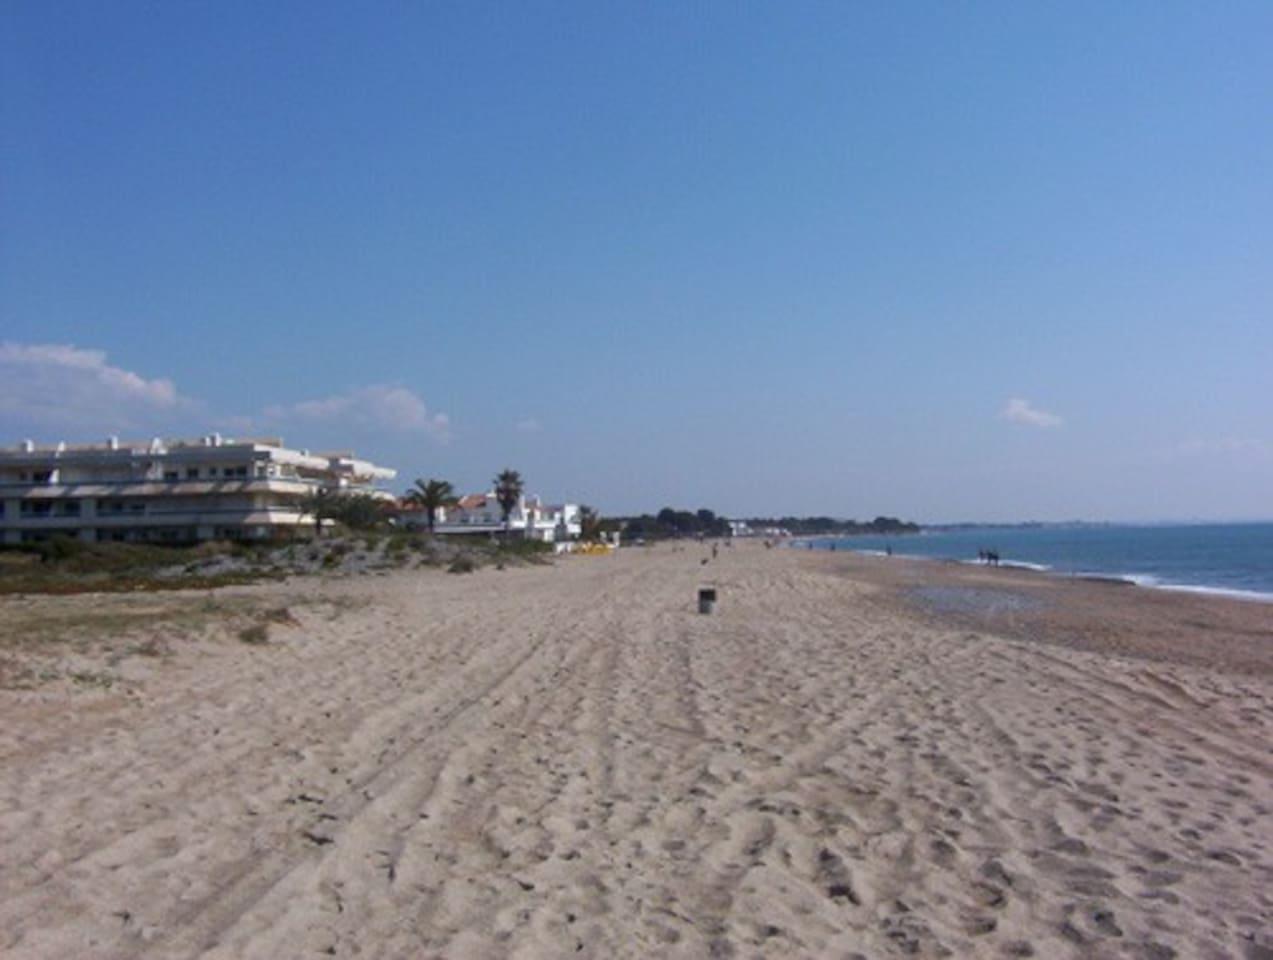 Extensa playa sin aglomeraciones